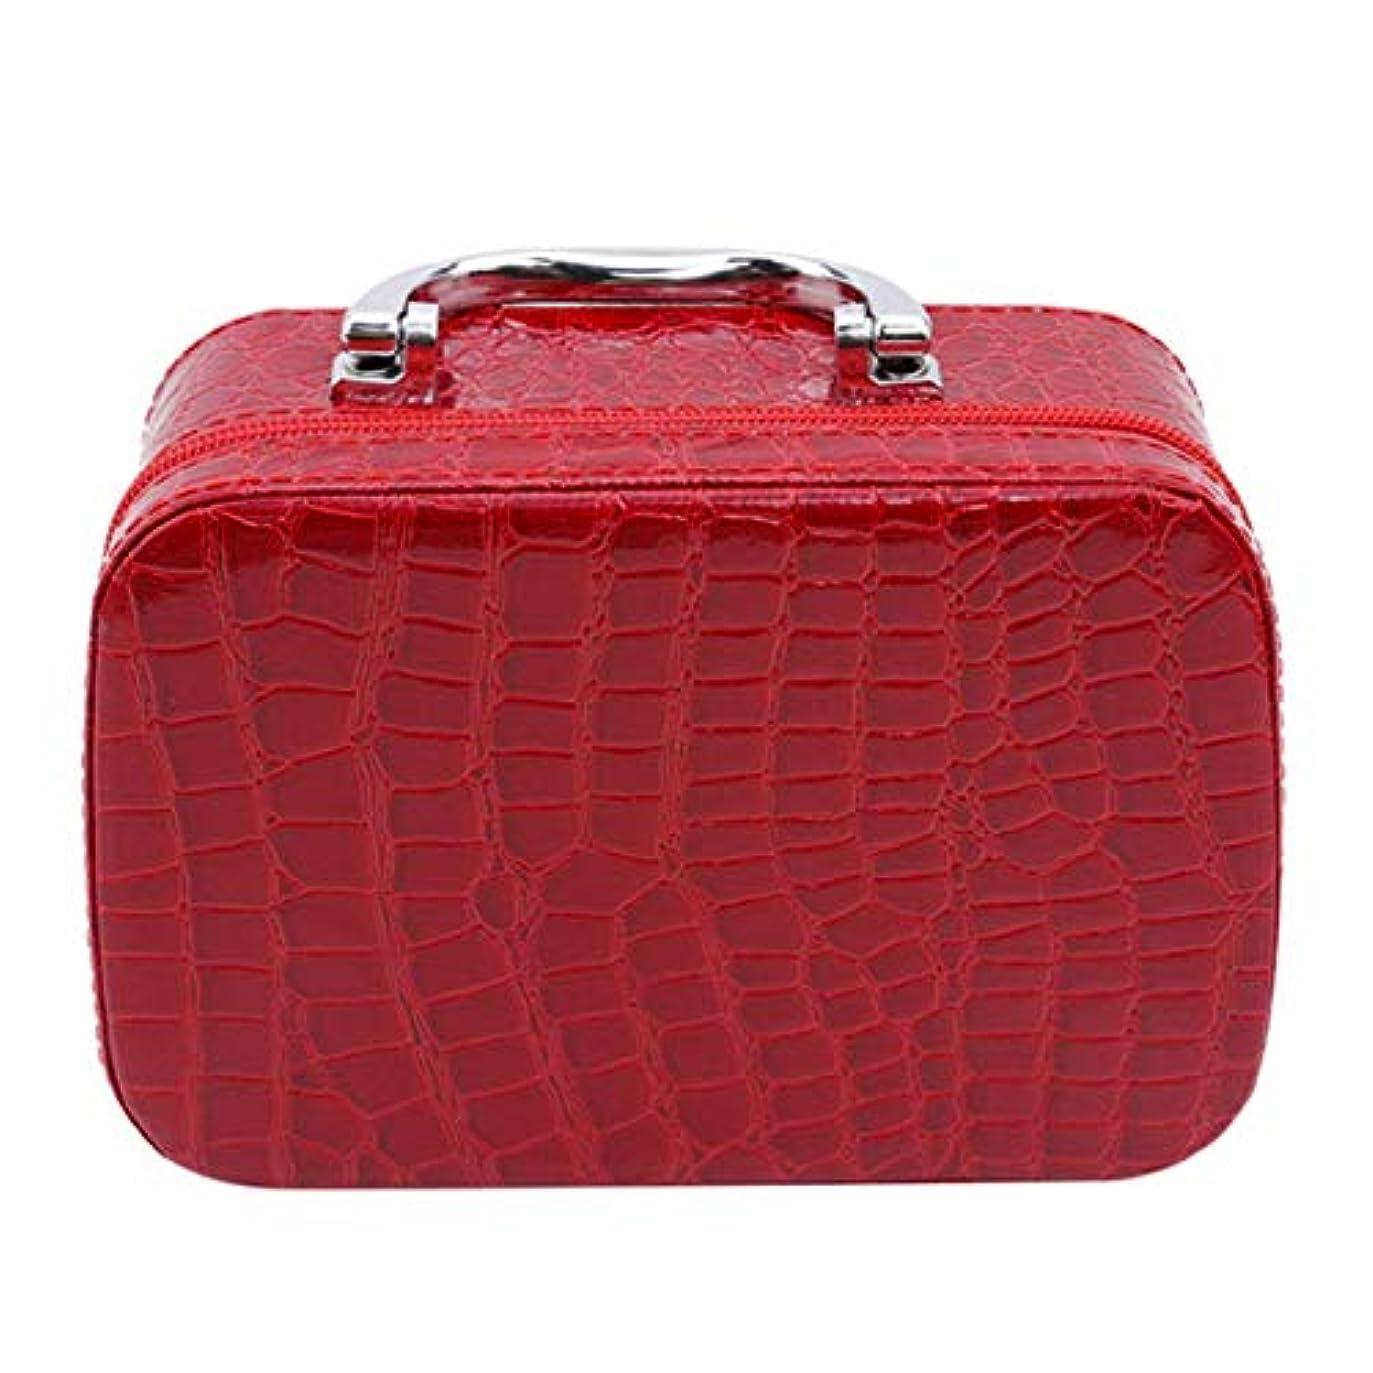 有名なふさわしいすずめ1st market ミラーが付いている優れた旅行携帯用化粧品袋のオルガナイザーの女性の化粧品の箱